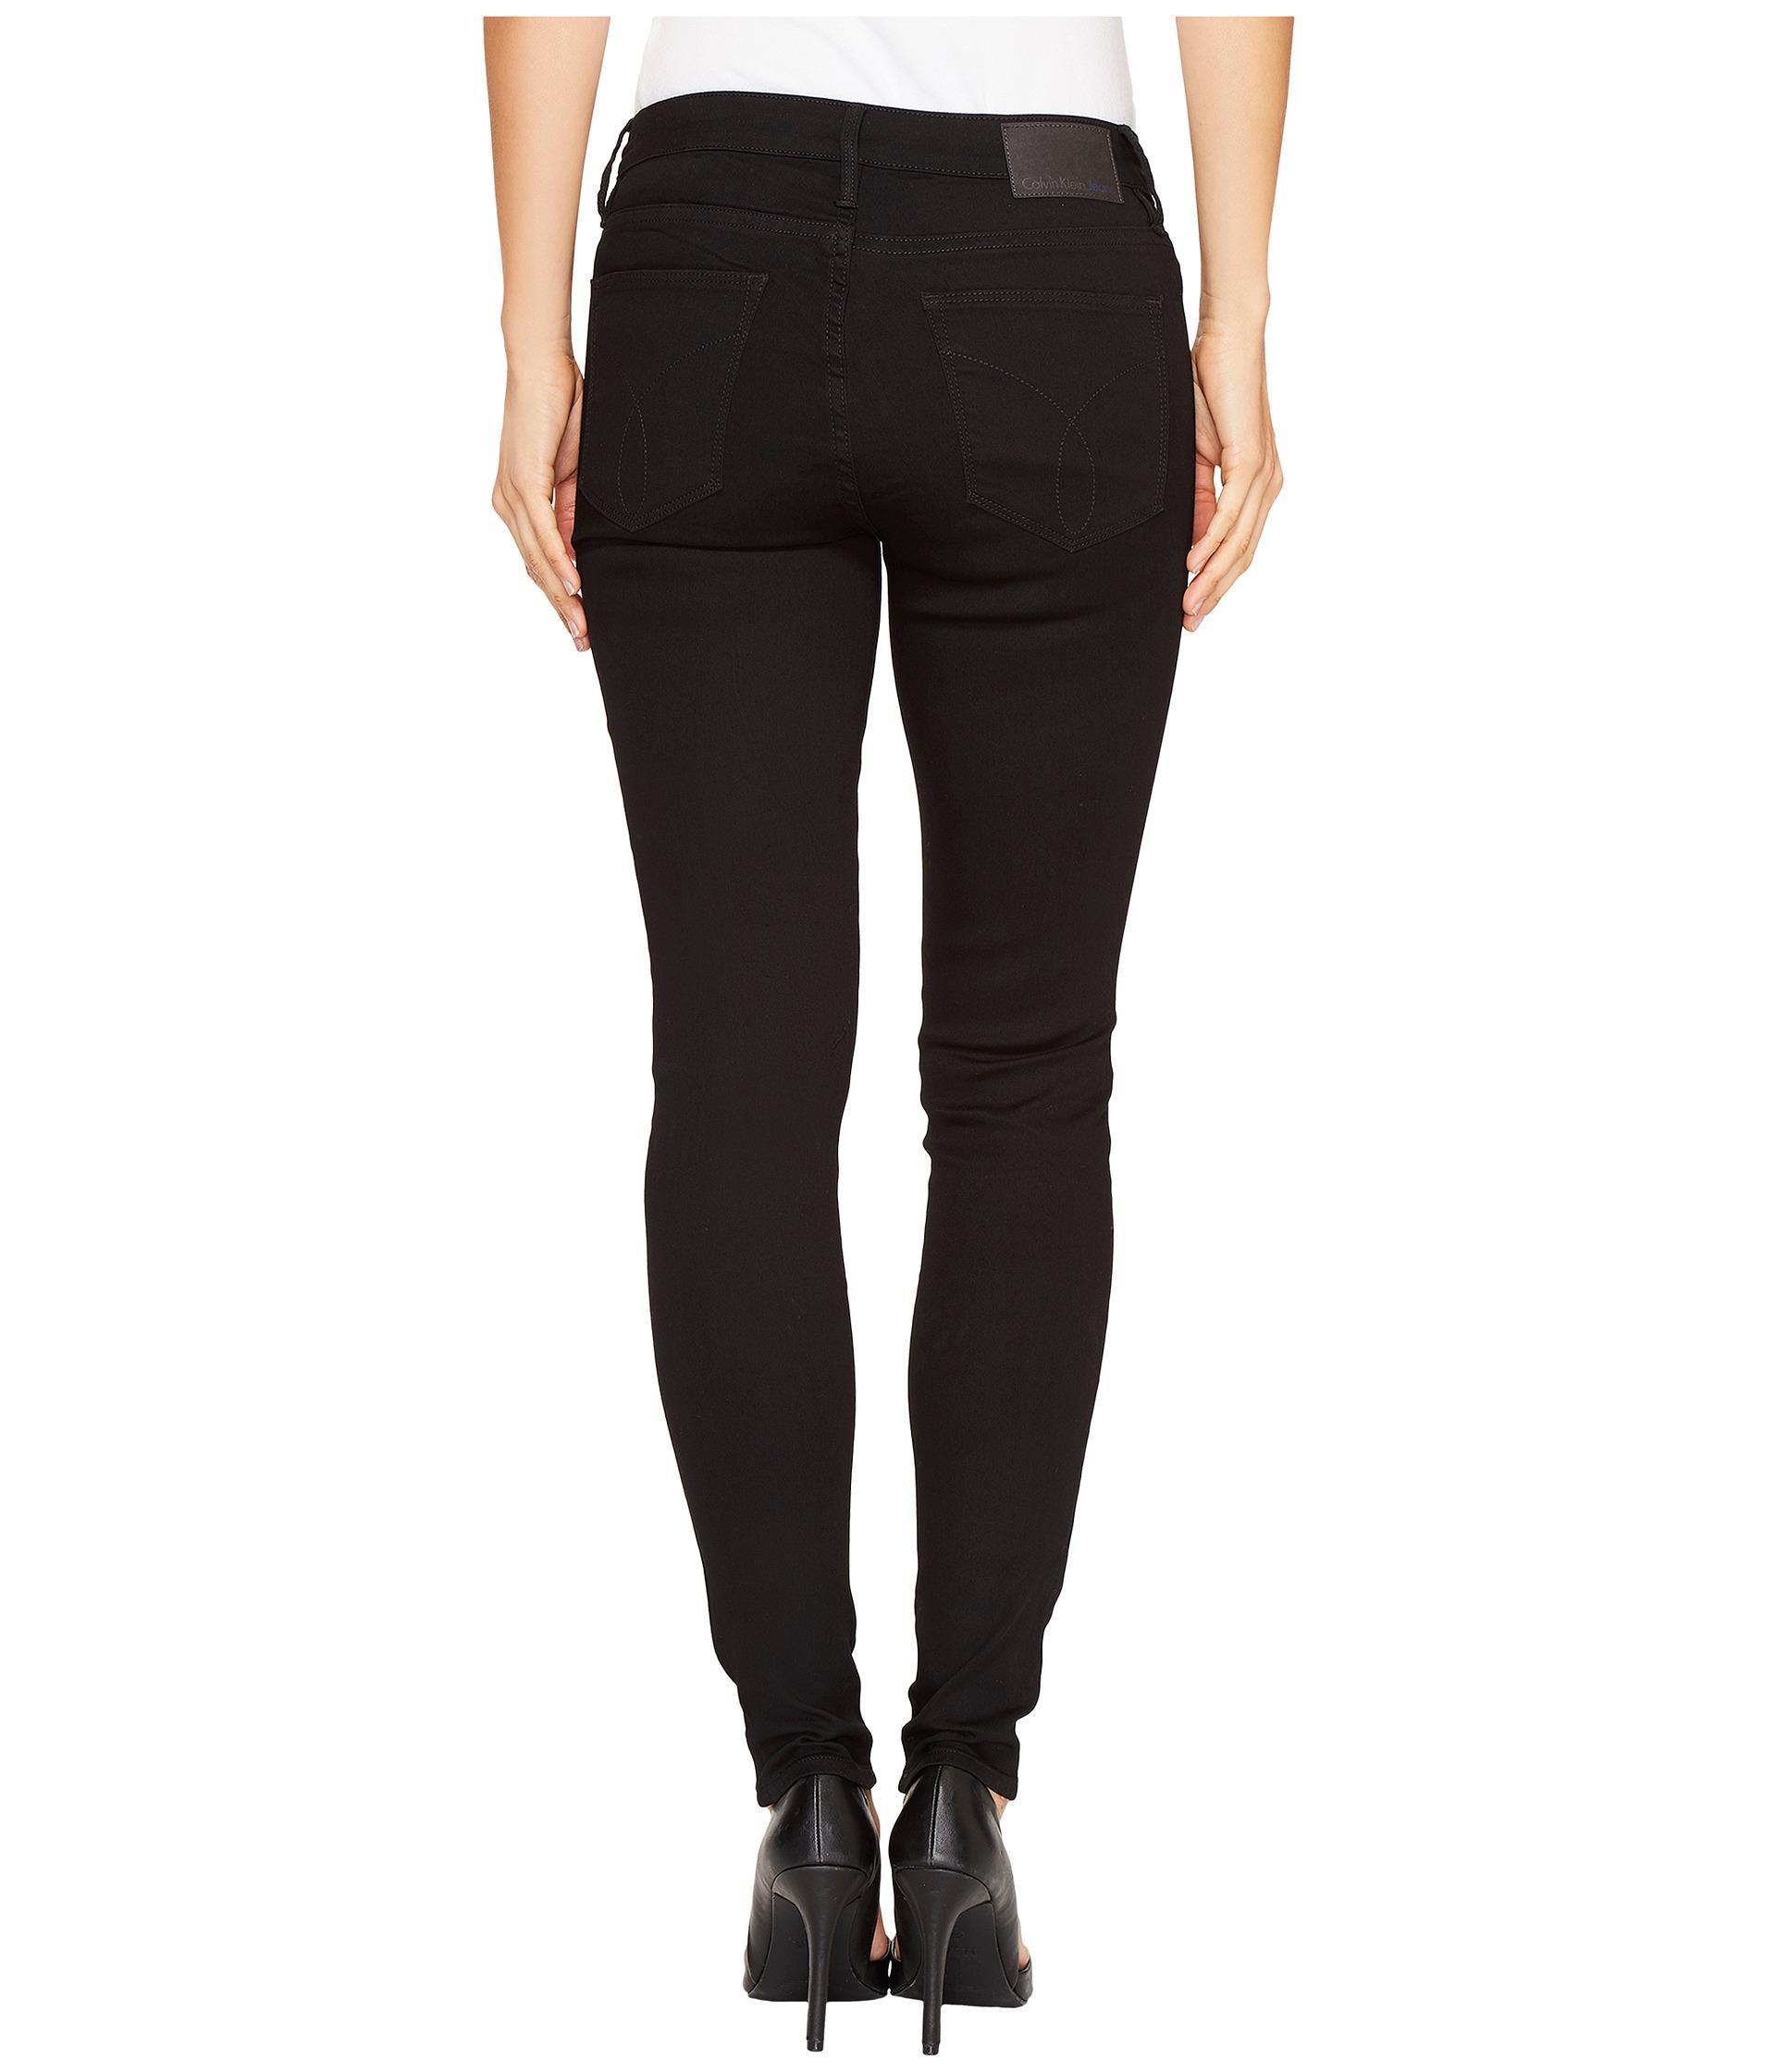 calvin klein jeans leggings jeans in black wash at. Black Bedroom Furniture Sets. Home Design Ideas